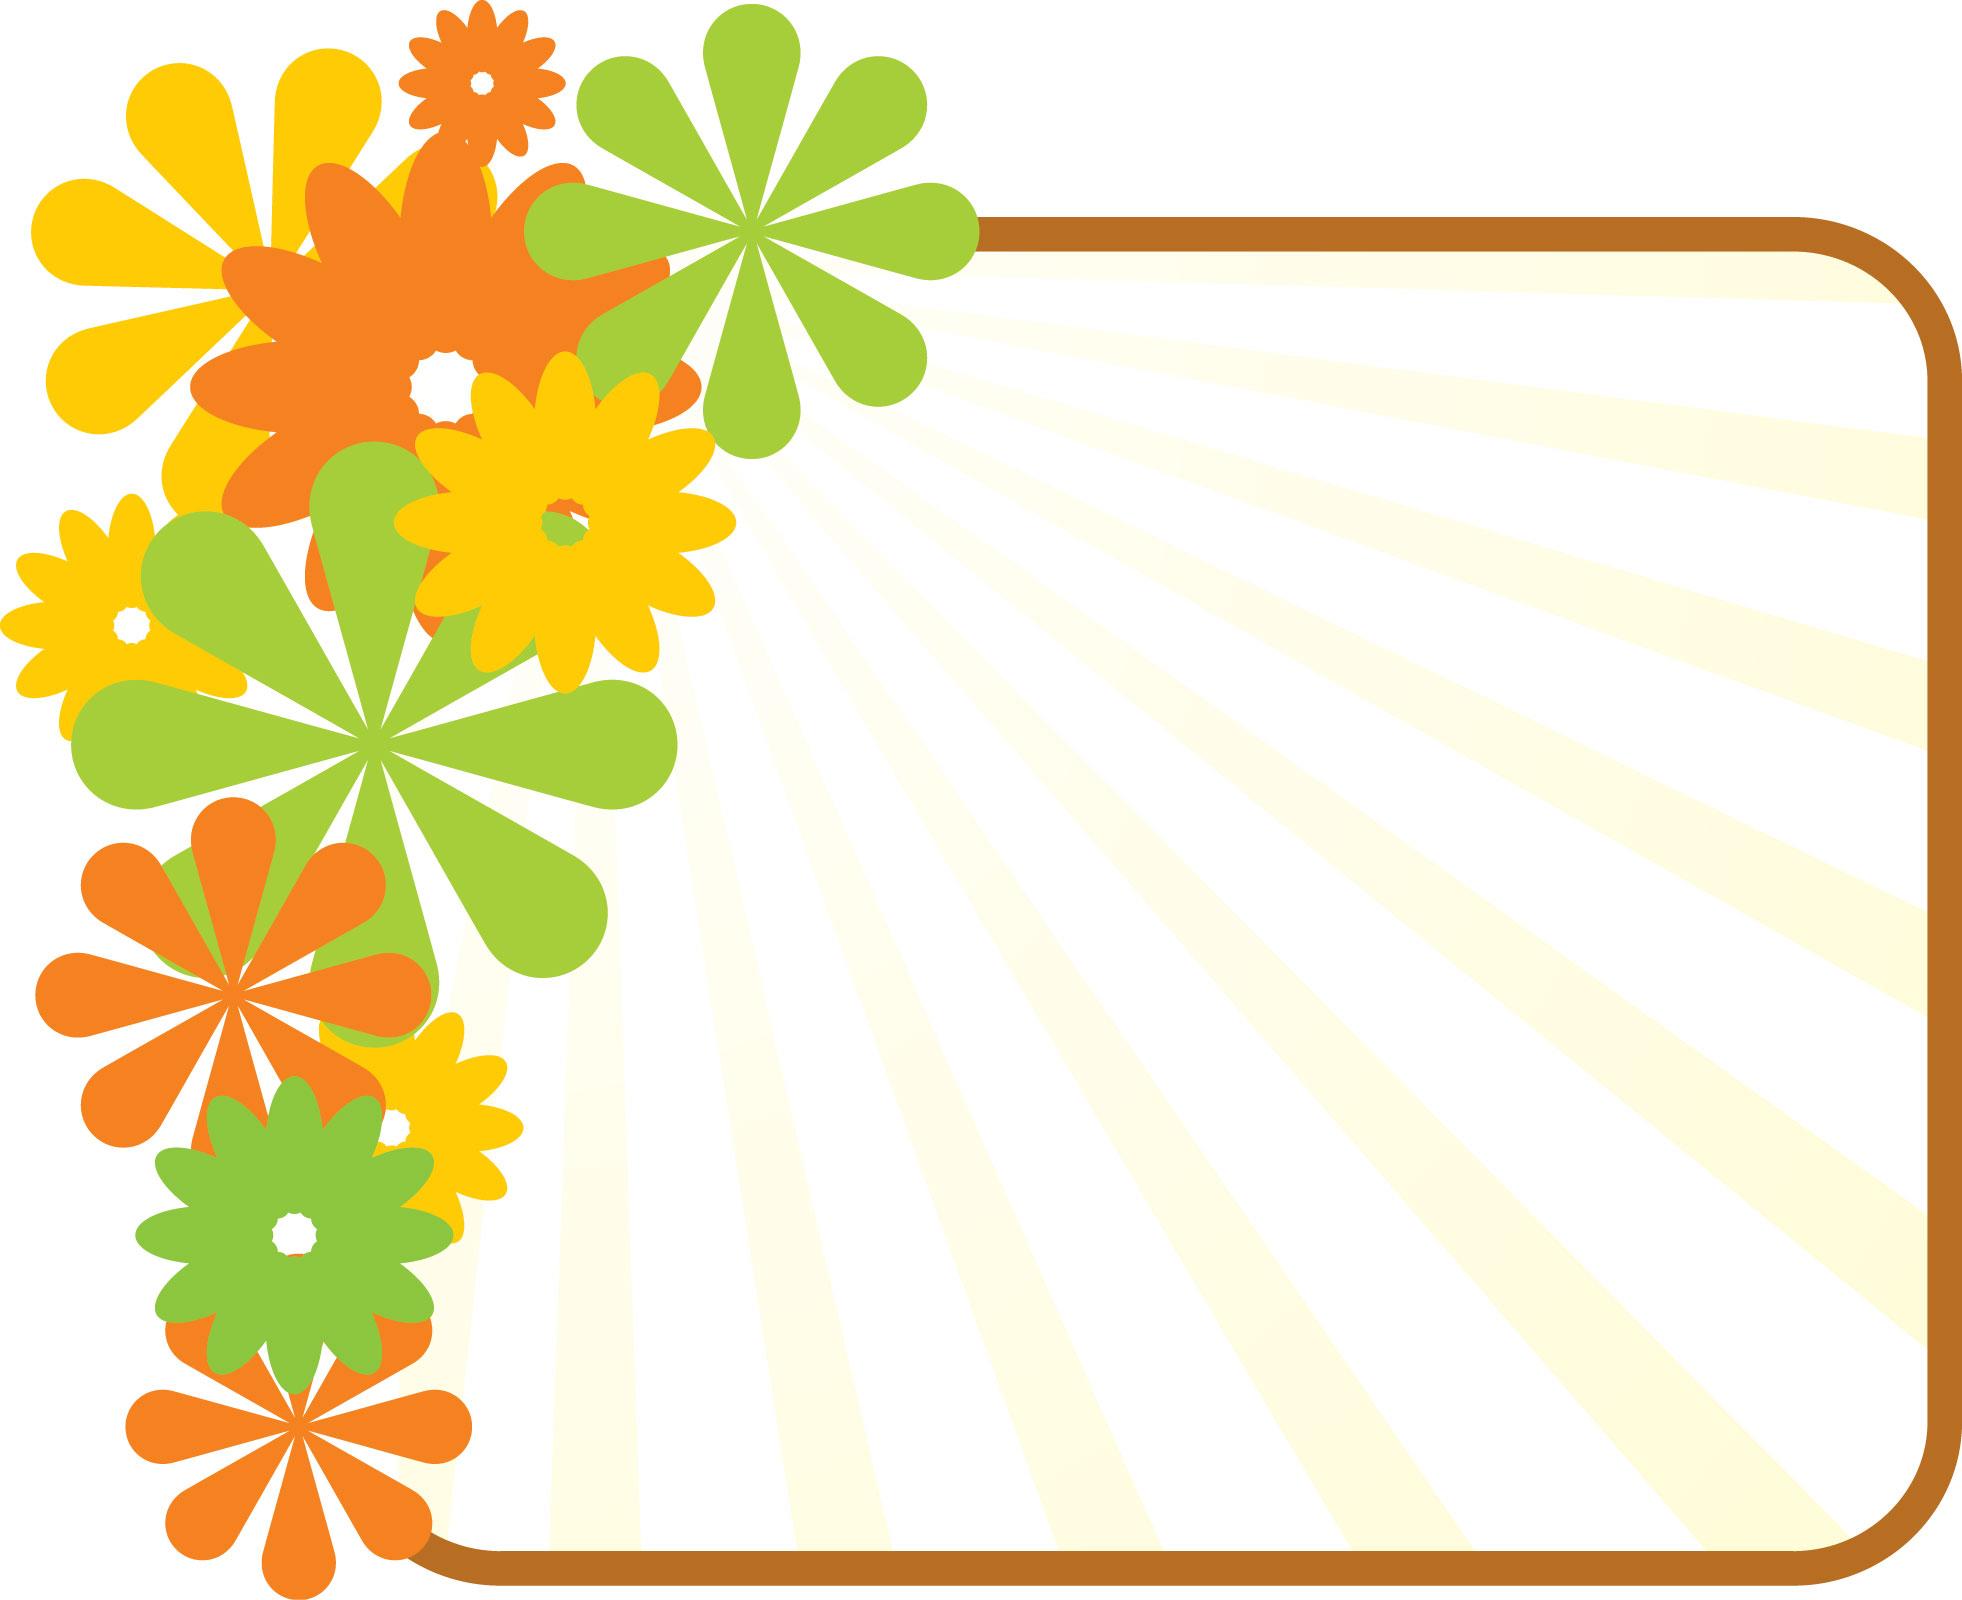 無料のフリー素材 - フレーム枠・タイトル「花のイメージ」